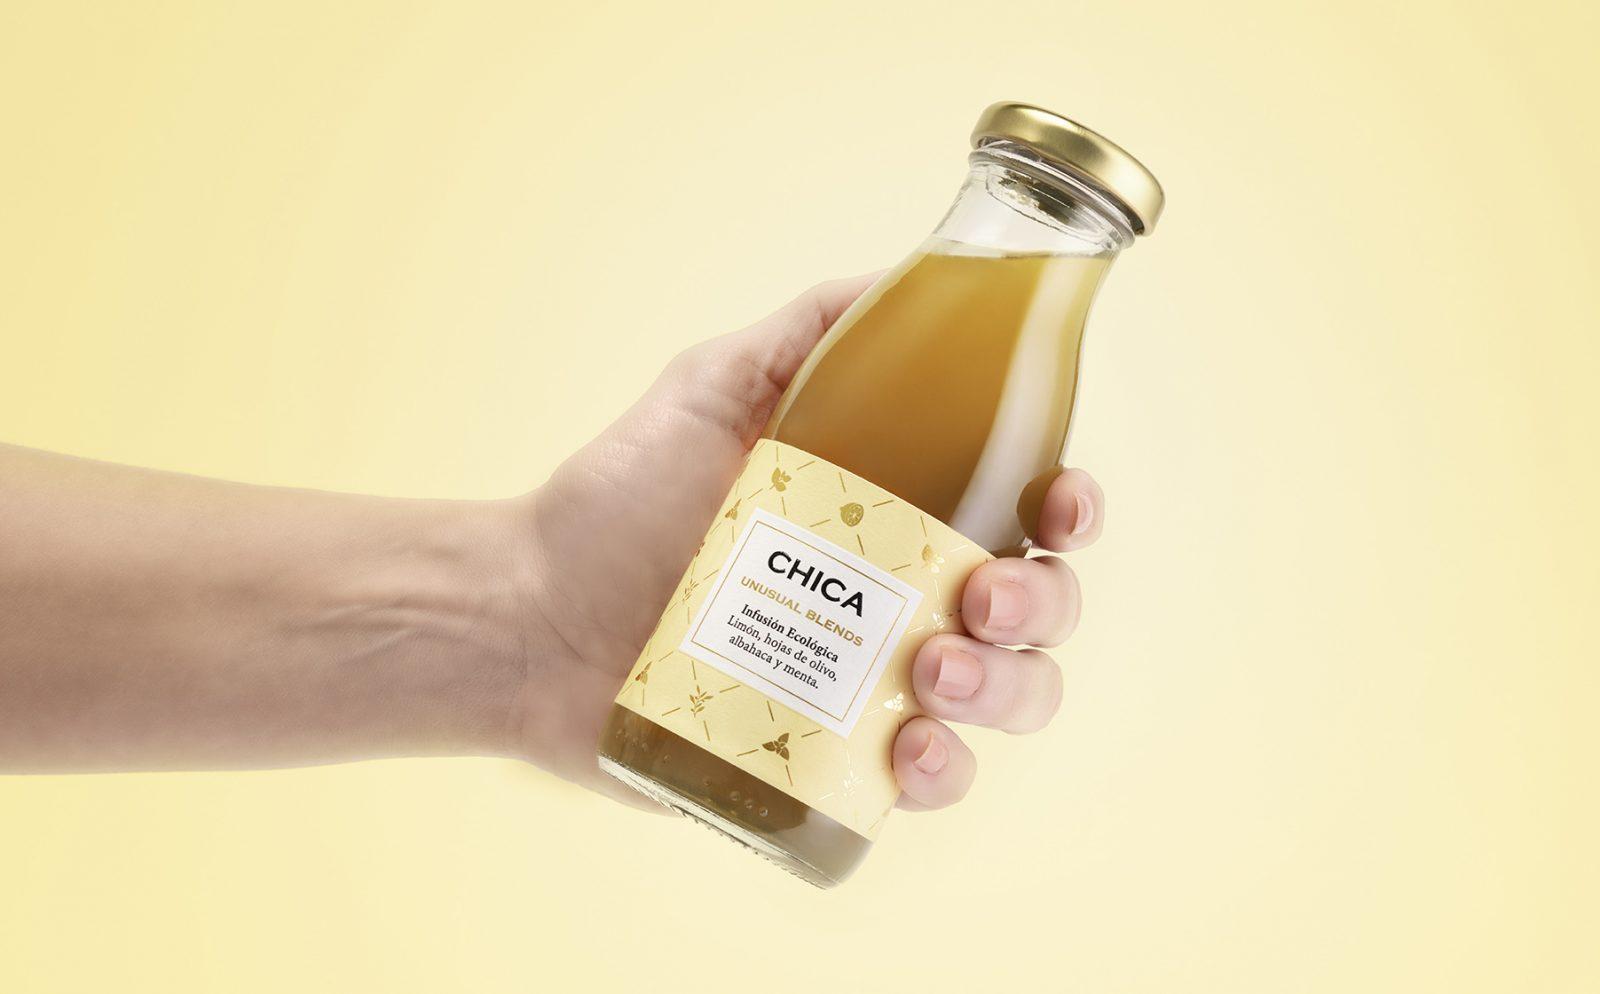 Diseño de etiquetas para botella